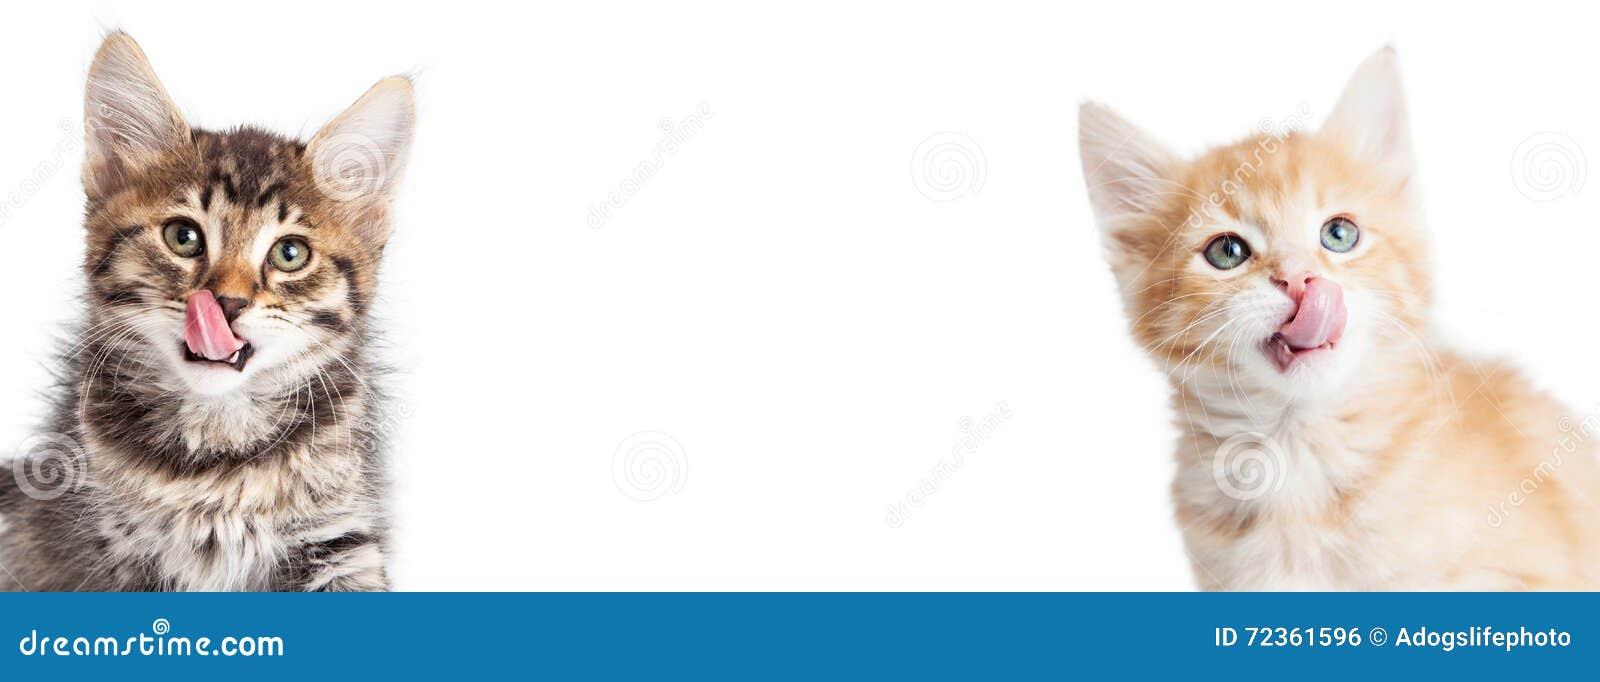 两只饥饿的小猫水平的横幅